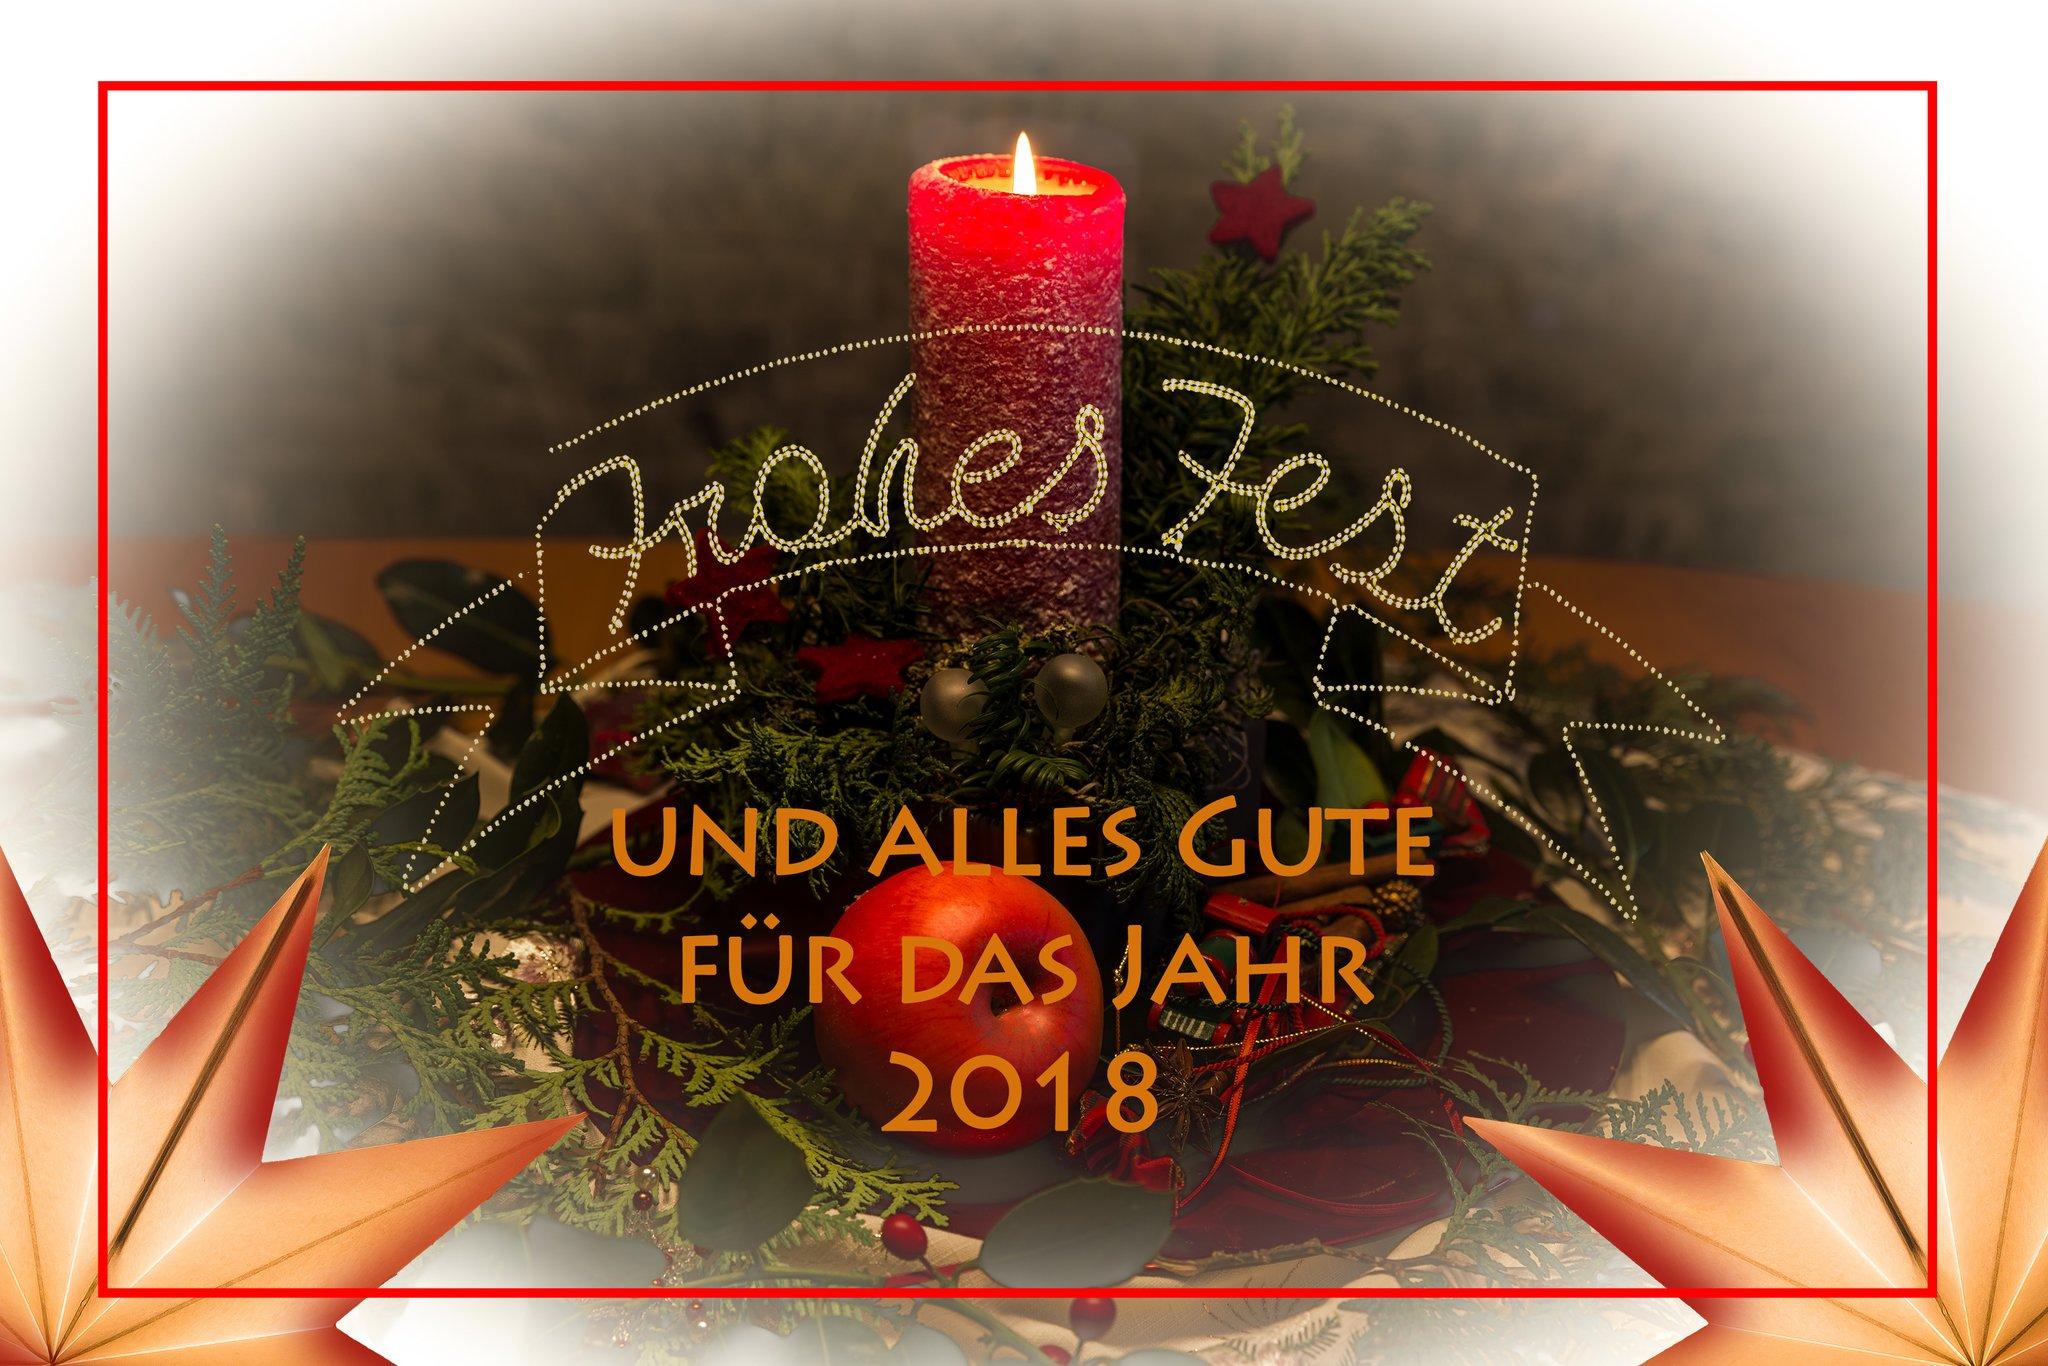 Weihnachts- und Neujahrsgrüße aus Lünen (Bitte im Vollbild)